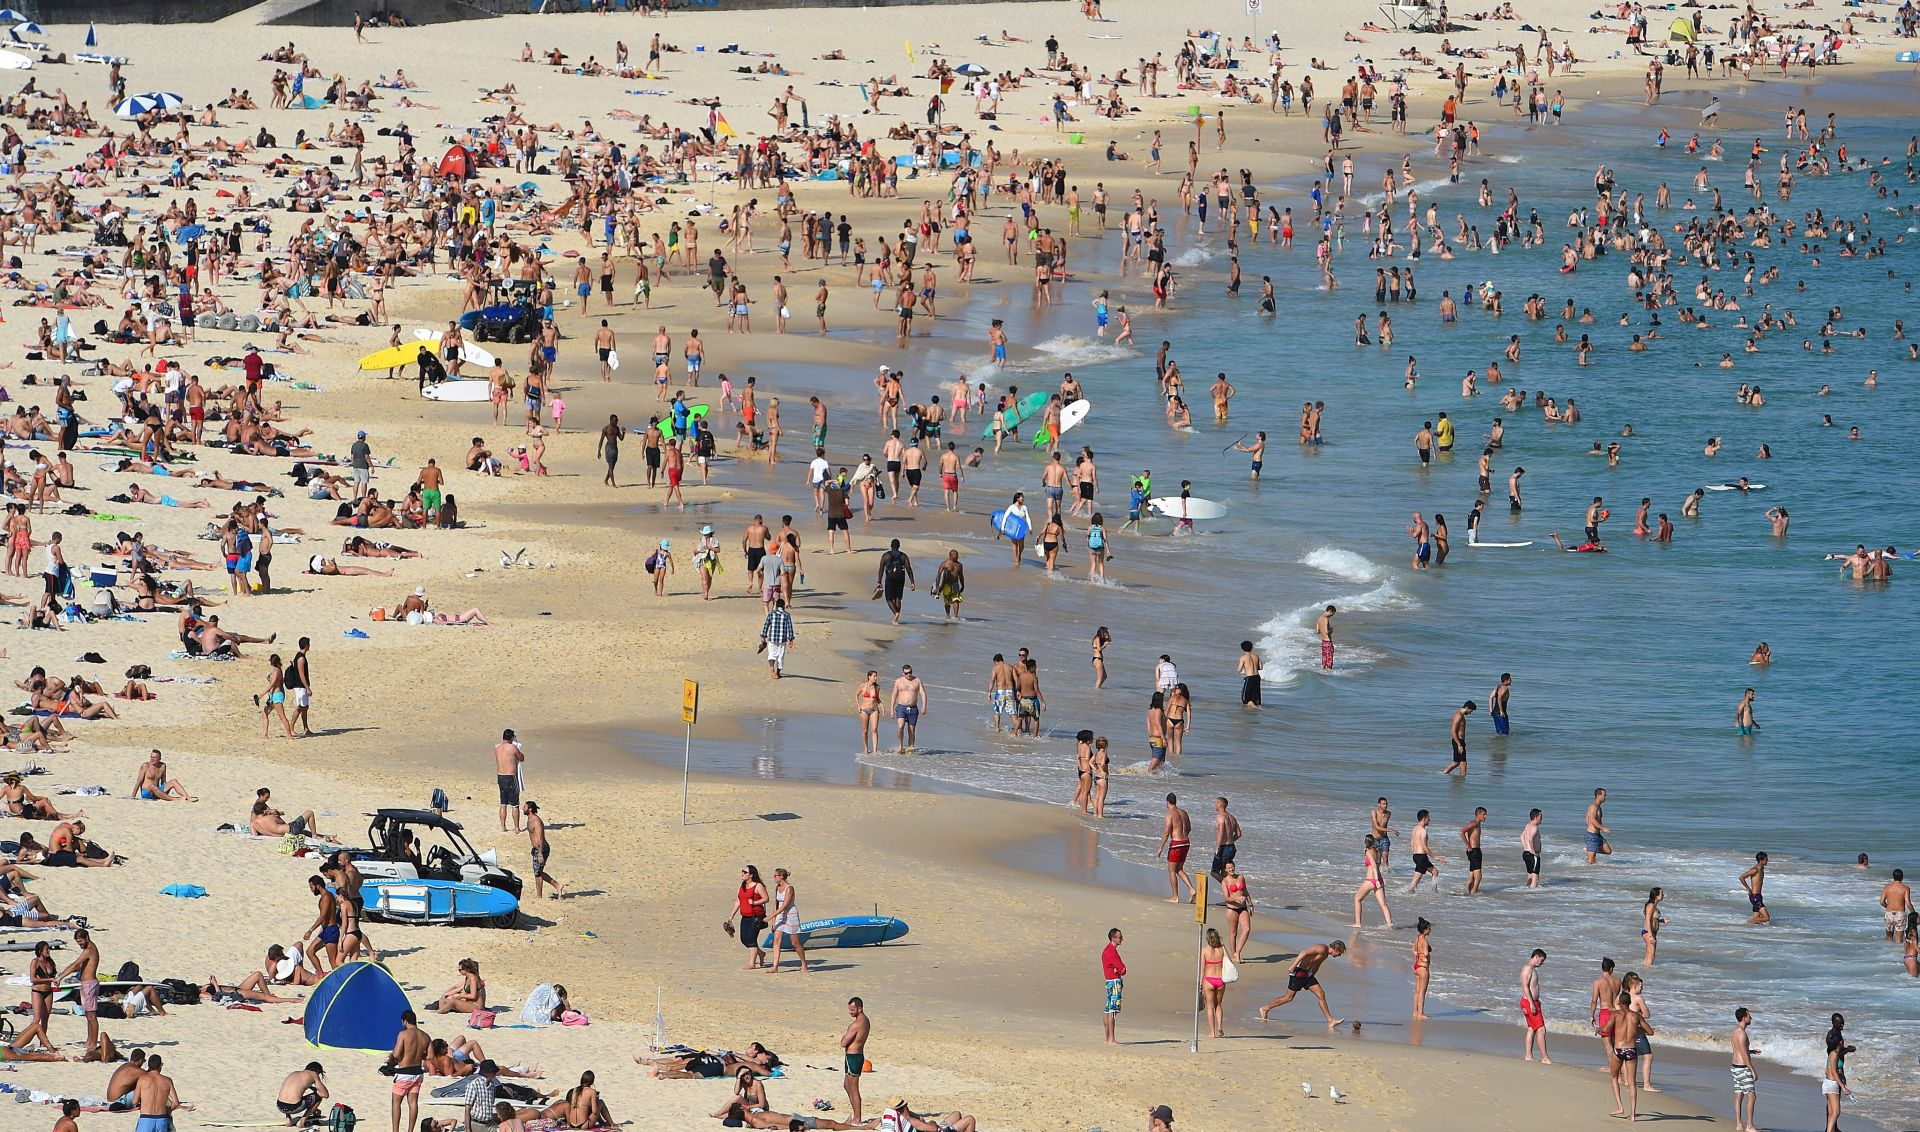 TEMPERATURE PREMAŠILE 40 STUPNJEVA Paklene vrućine u Sydneyu